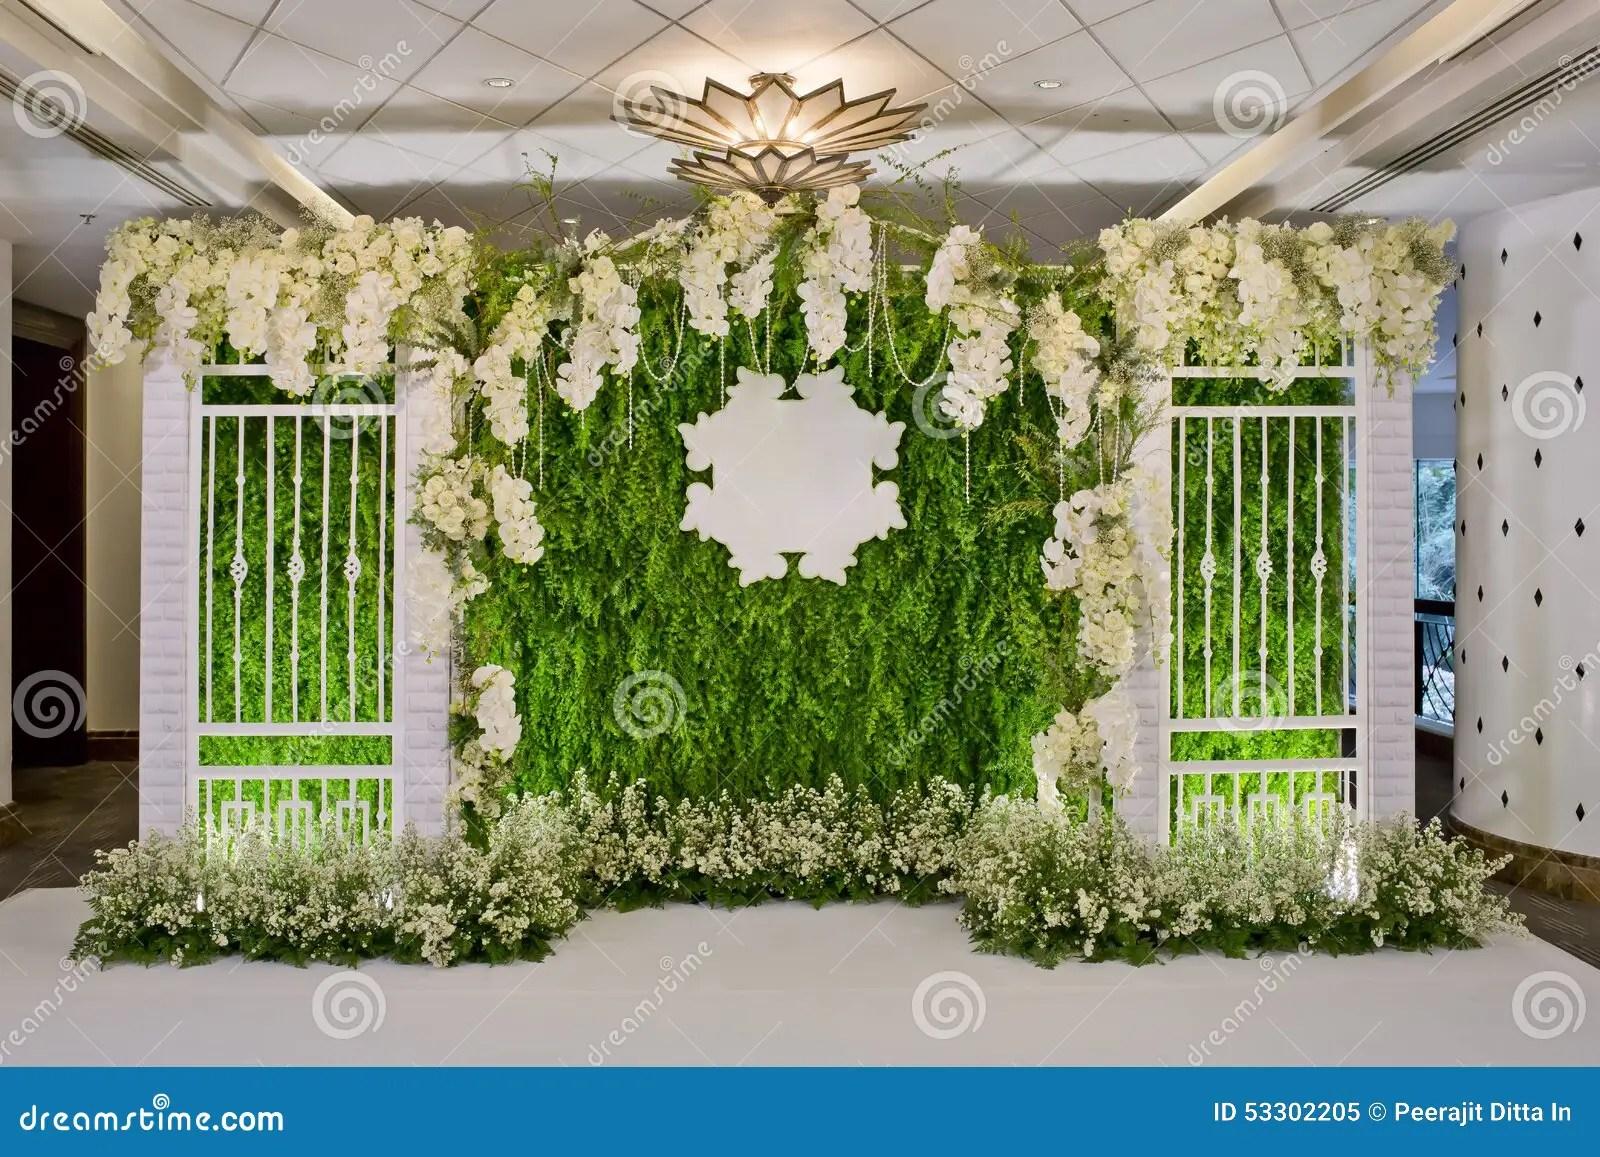 luxury indoors wedding backdrop